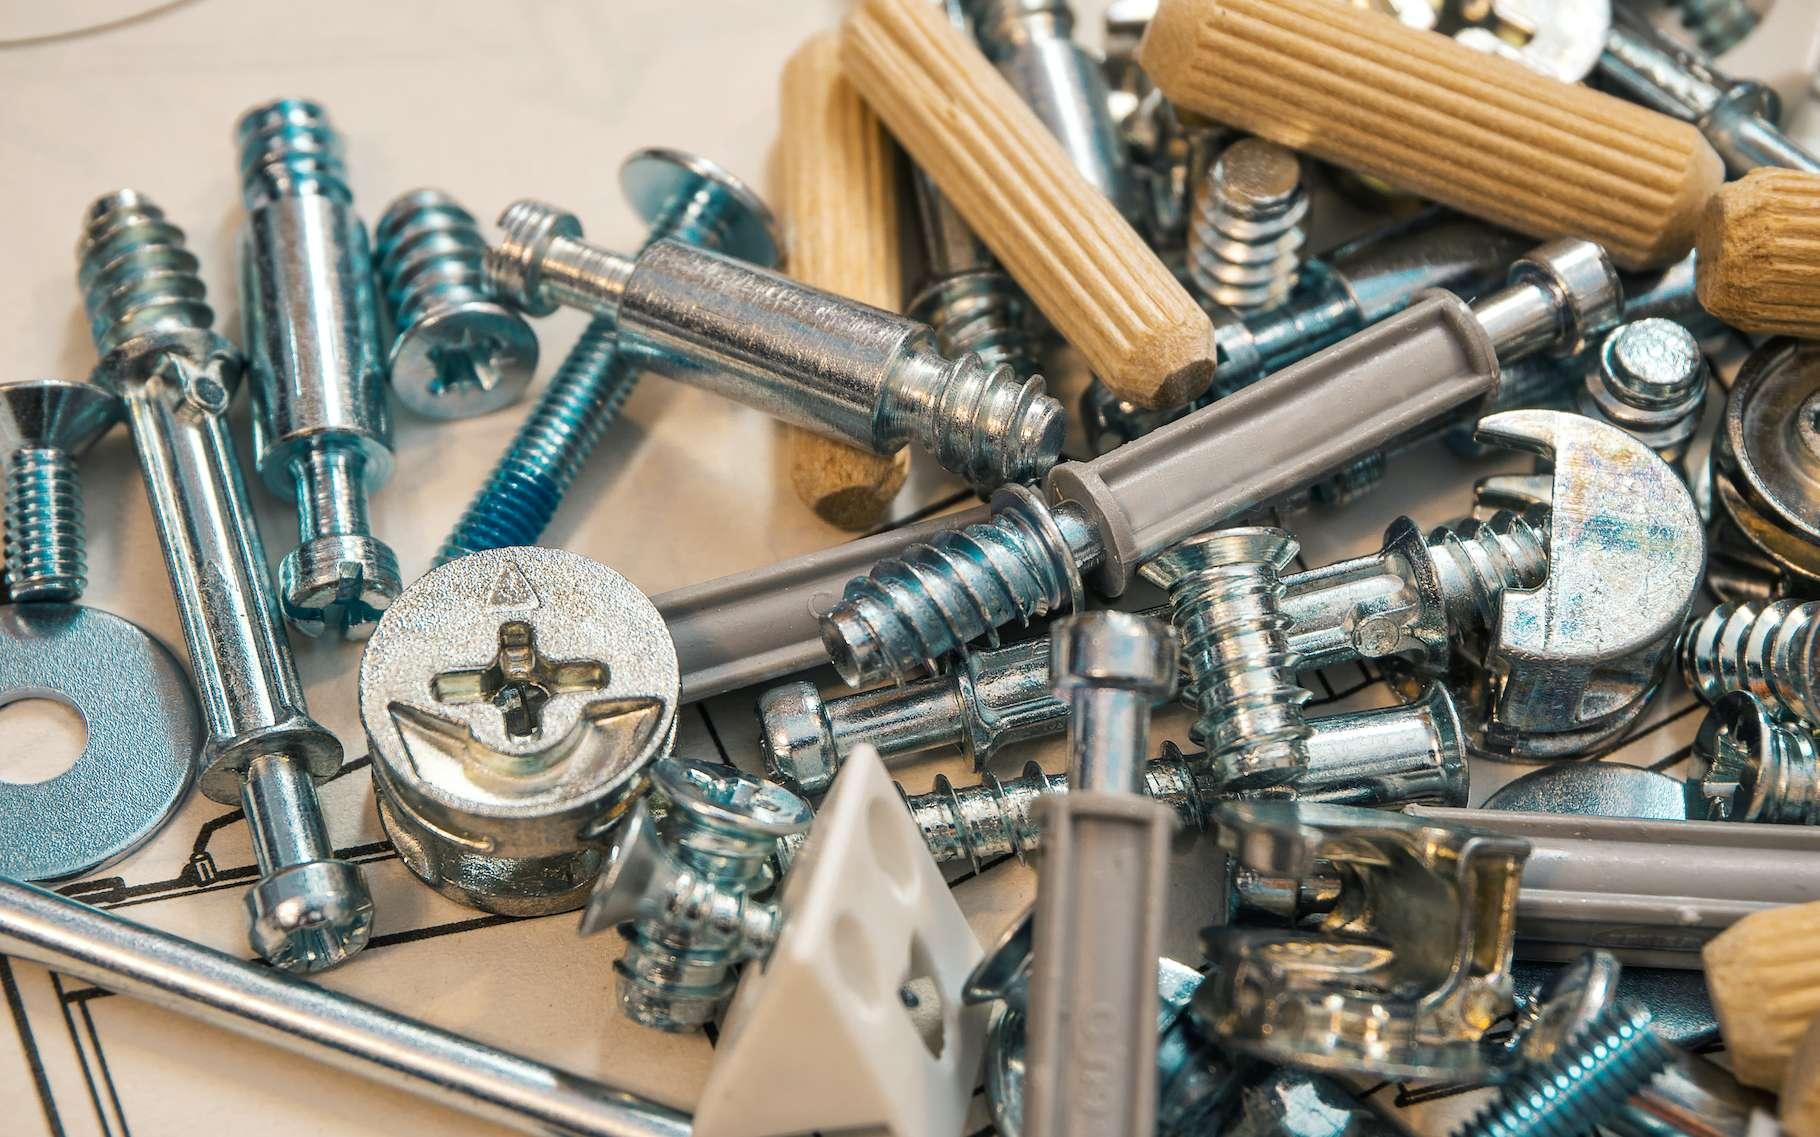 Ikea lance un service de vente en ligne de pièces détachées. © Marcin, Adobe Stock